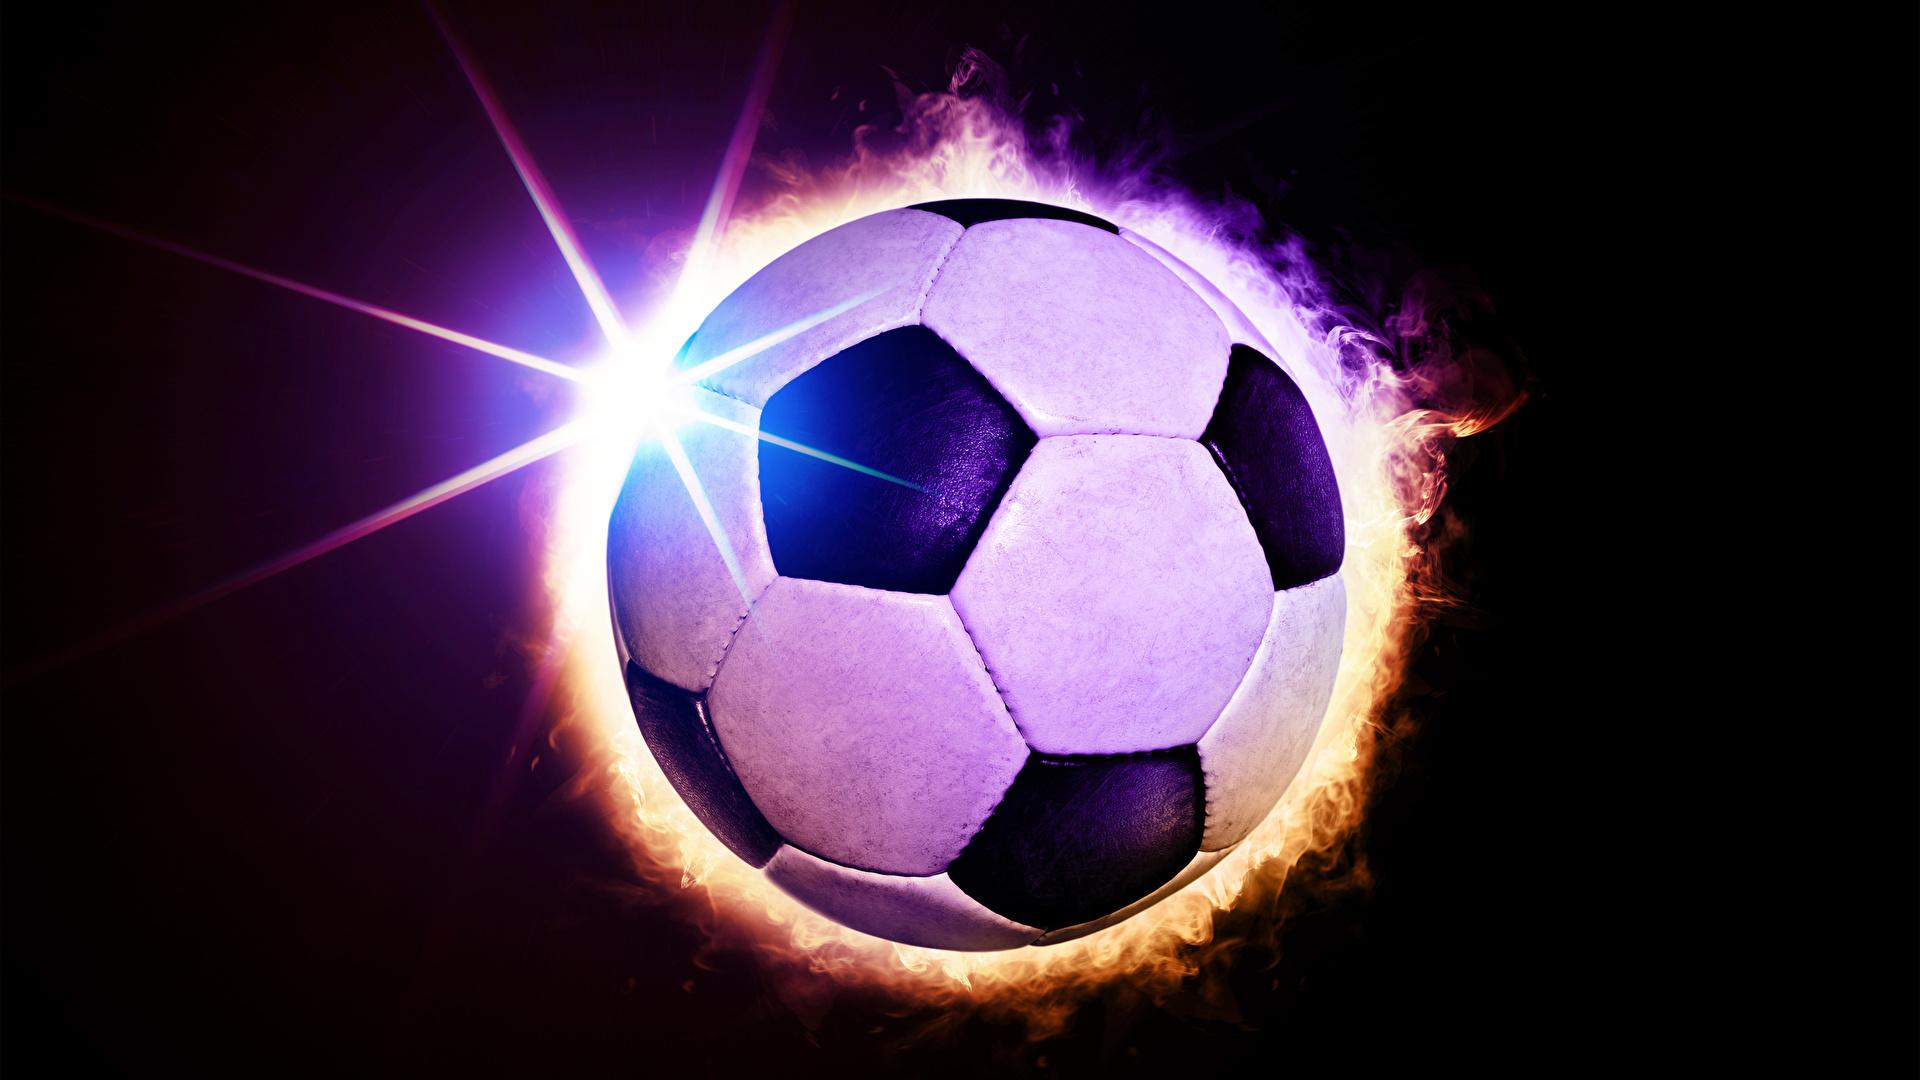 Фотографии Лучи света Футбол спортивный Мяч Черный фон 1920x1080 Спорт спортивная спортивные Мячик на черном фоне